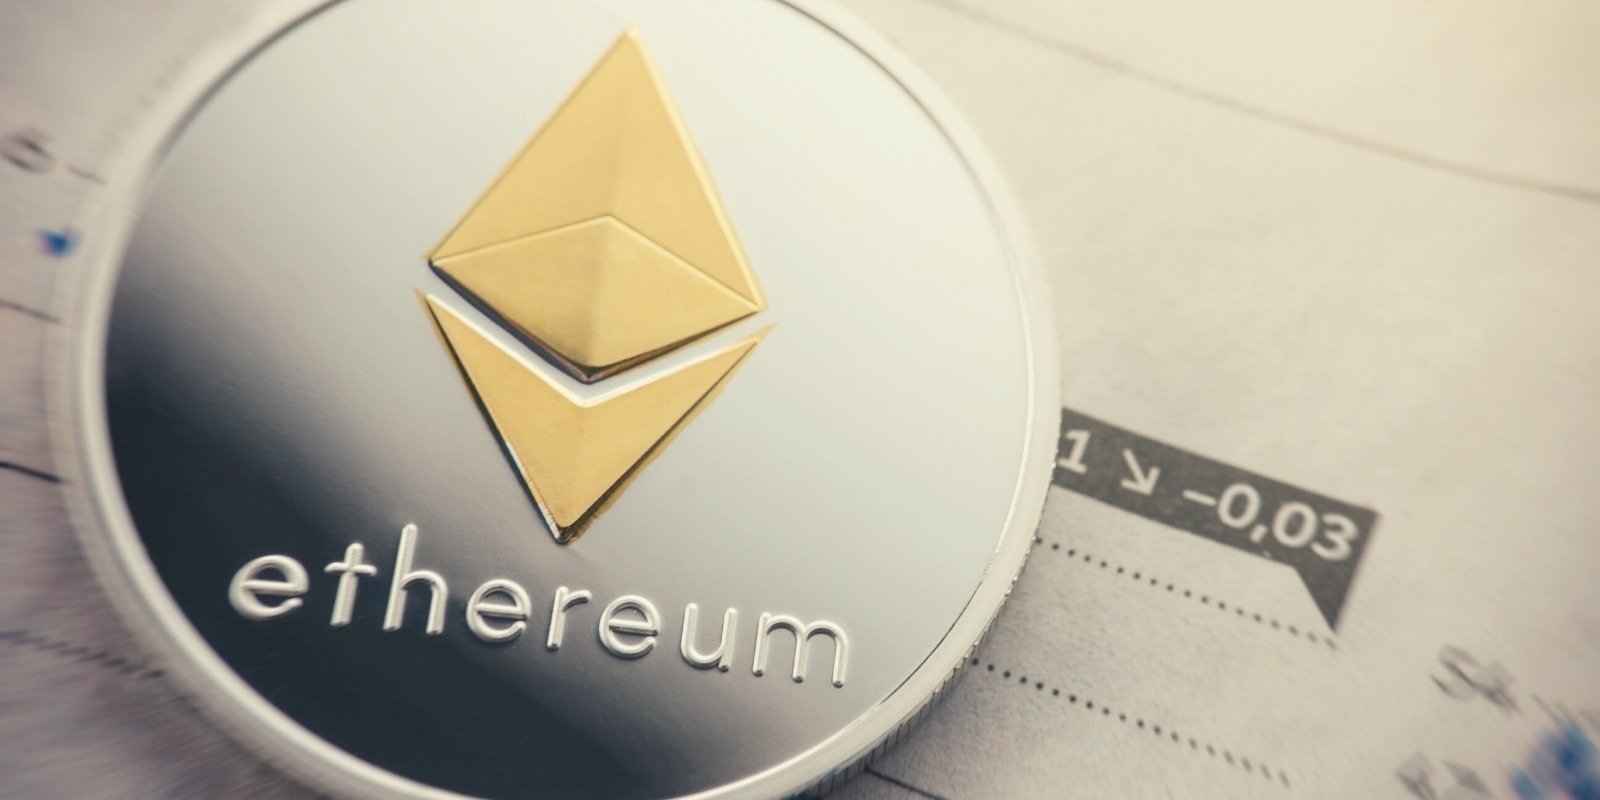 La Fintech Mogo achète de l'Ether et prévoit d'allouer 5% de ses liquidités en cryptomonnaies